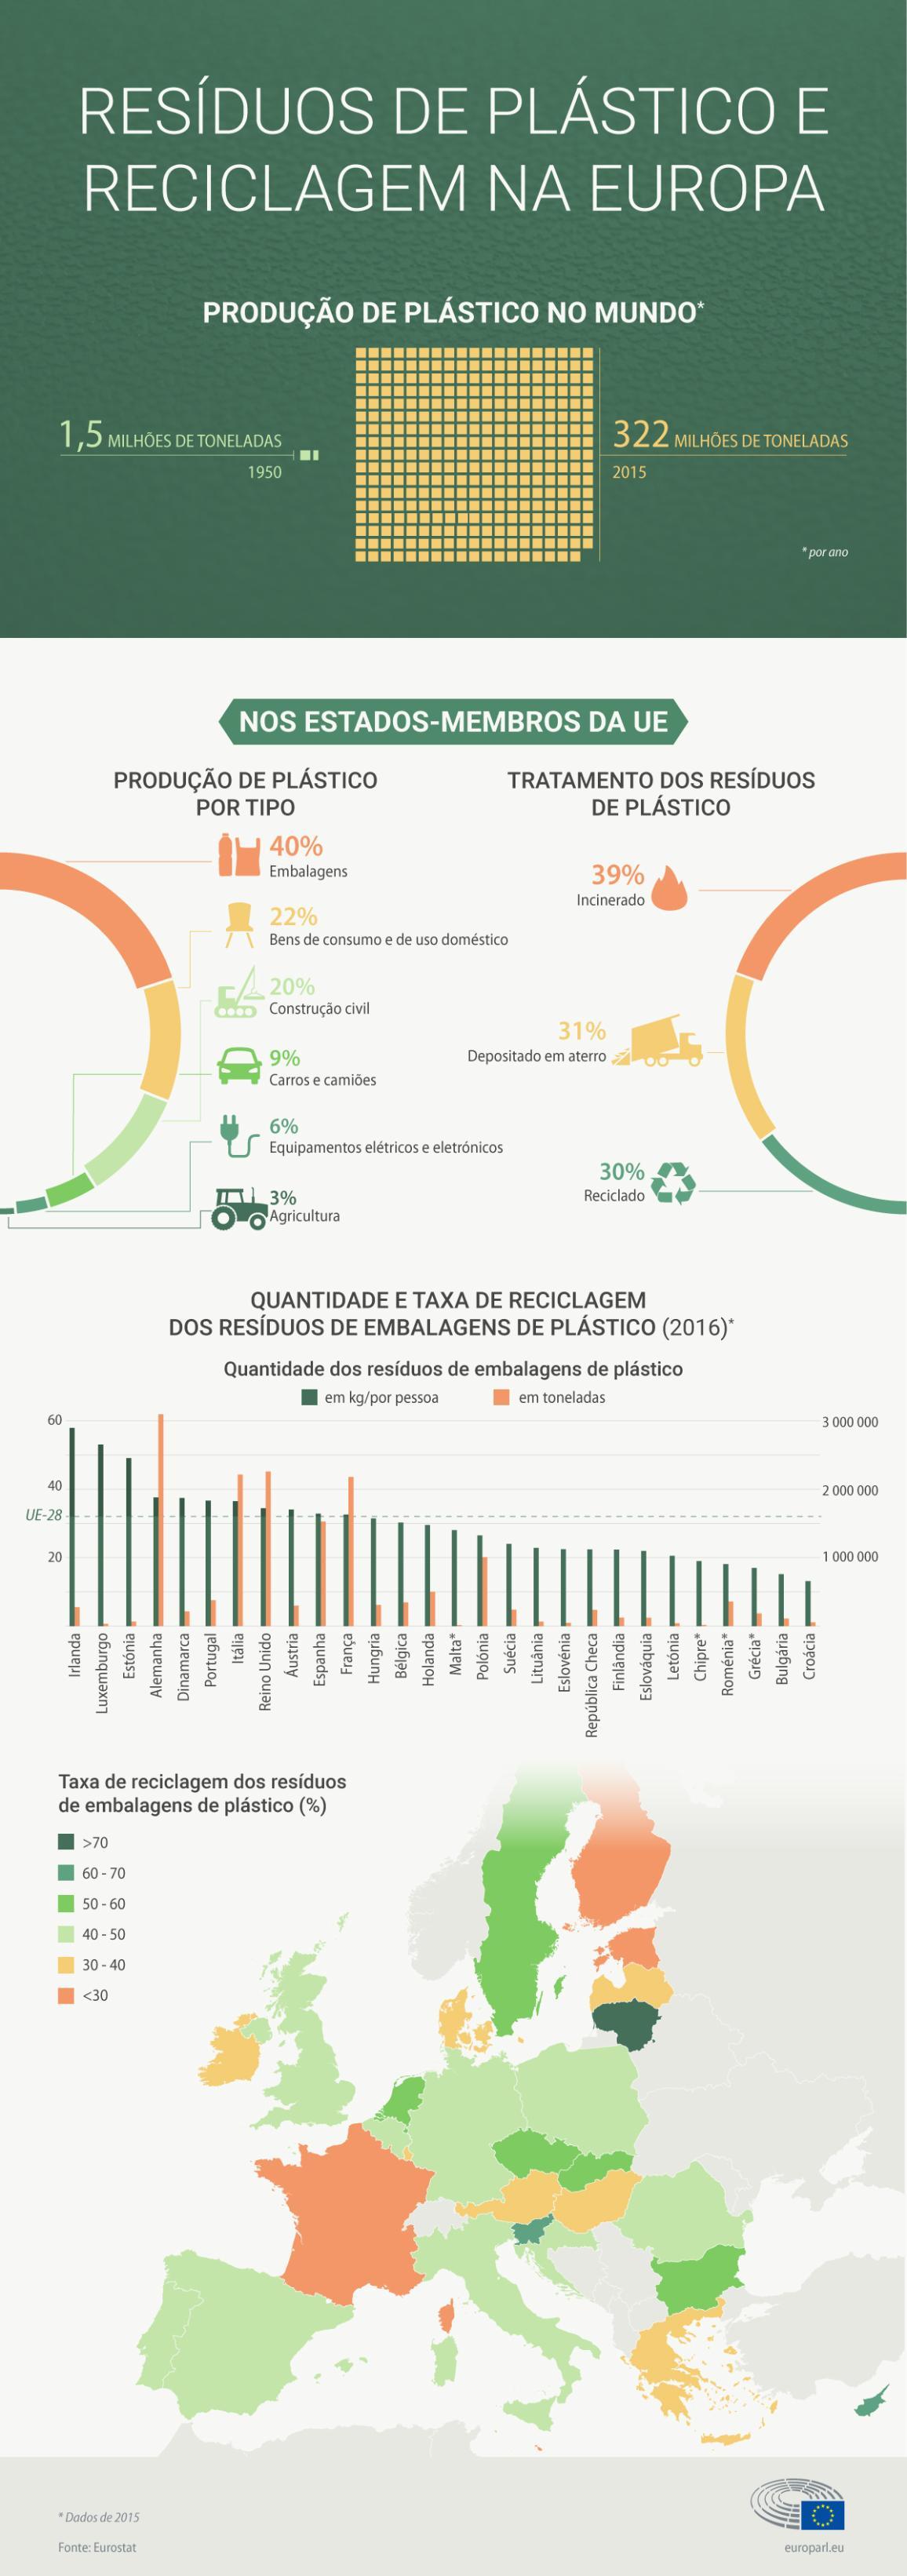 Taxas de reciclagem de plástico por país.